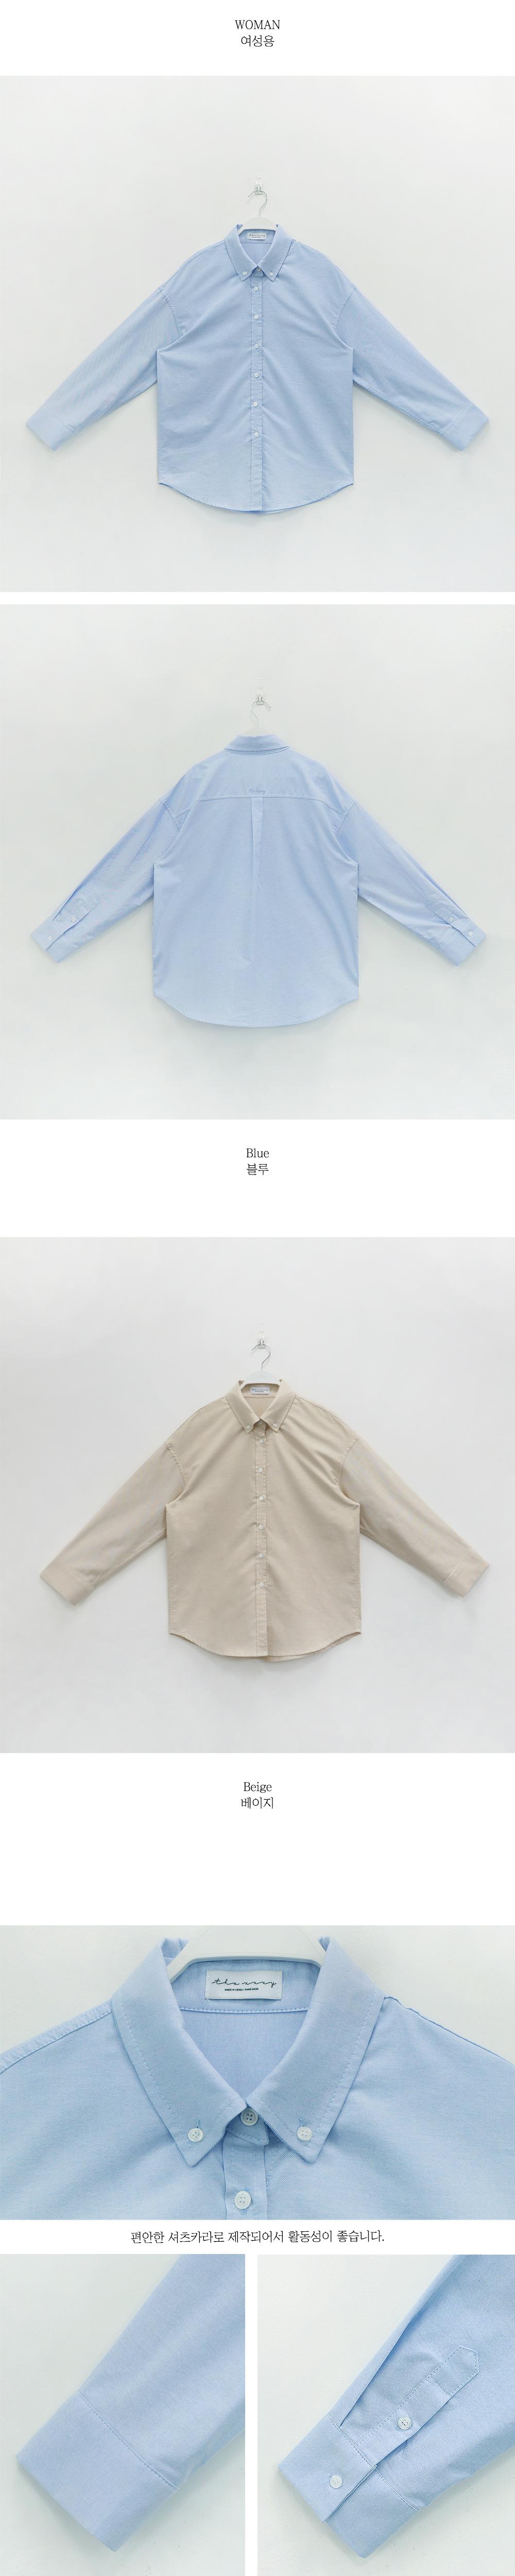 악세사리 라벤더 색상 이미지-S4L1